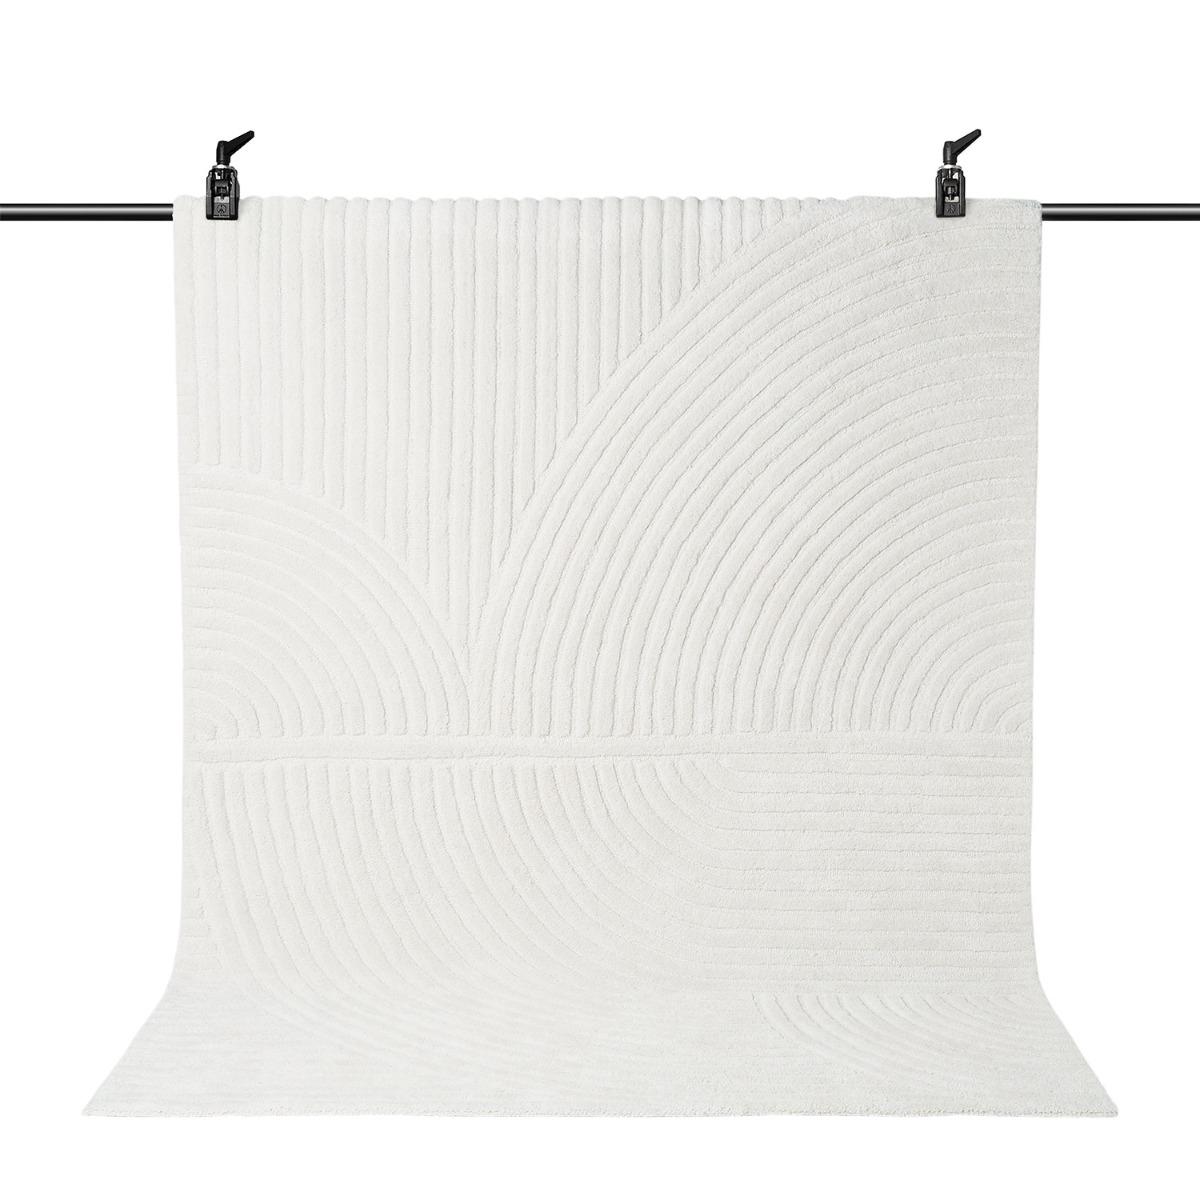 Designtorget Matta DT Henny 170x230 Off White